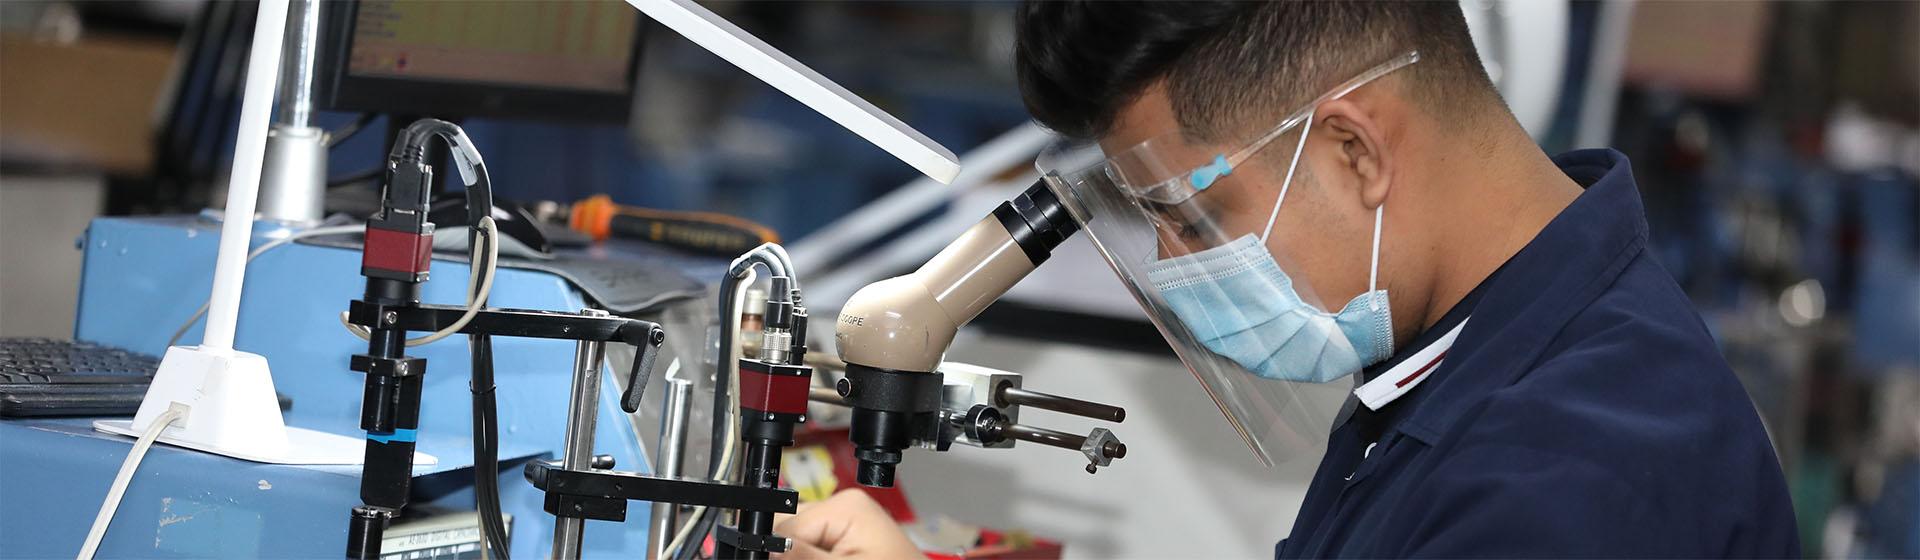 Trabajador en el microscopio